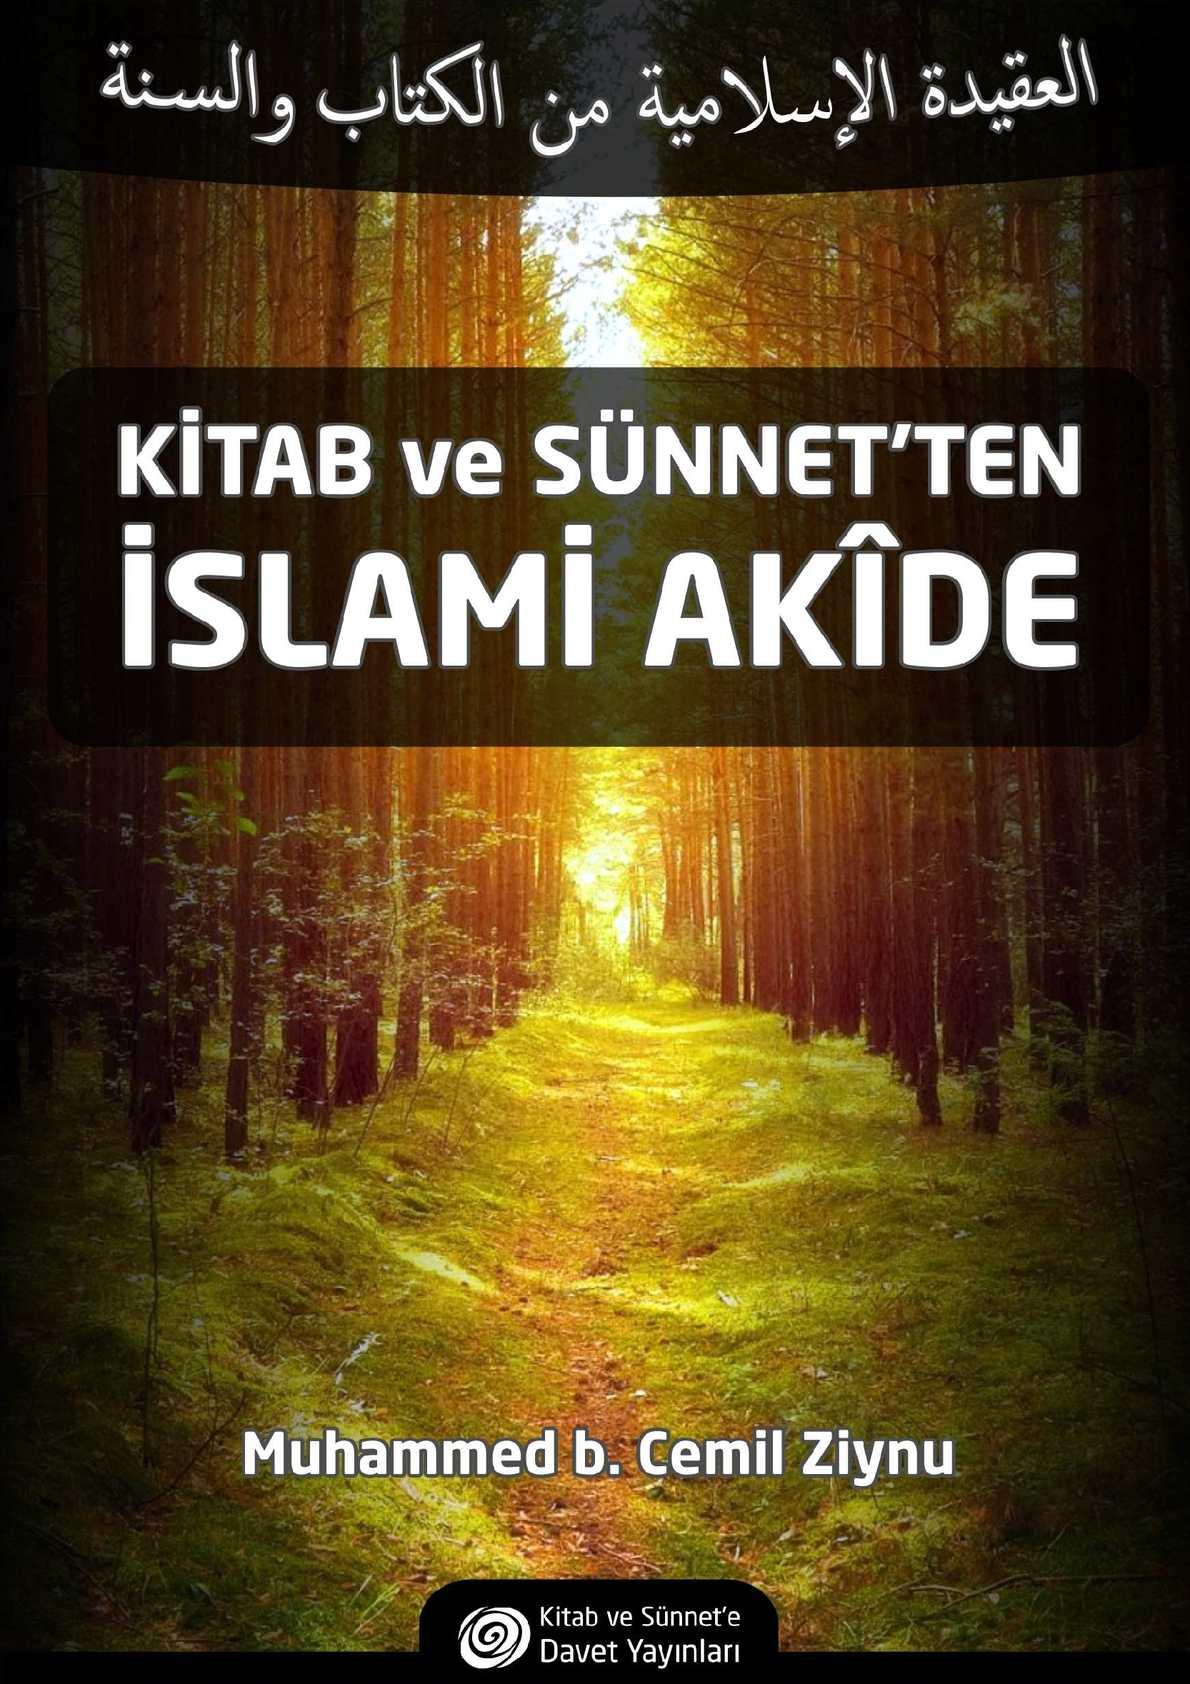 Kitab Sünnet'ten İslami Akide